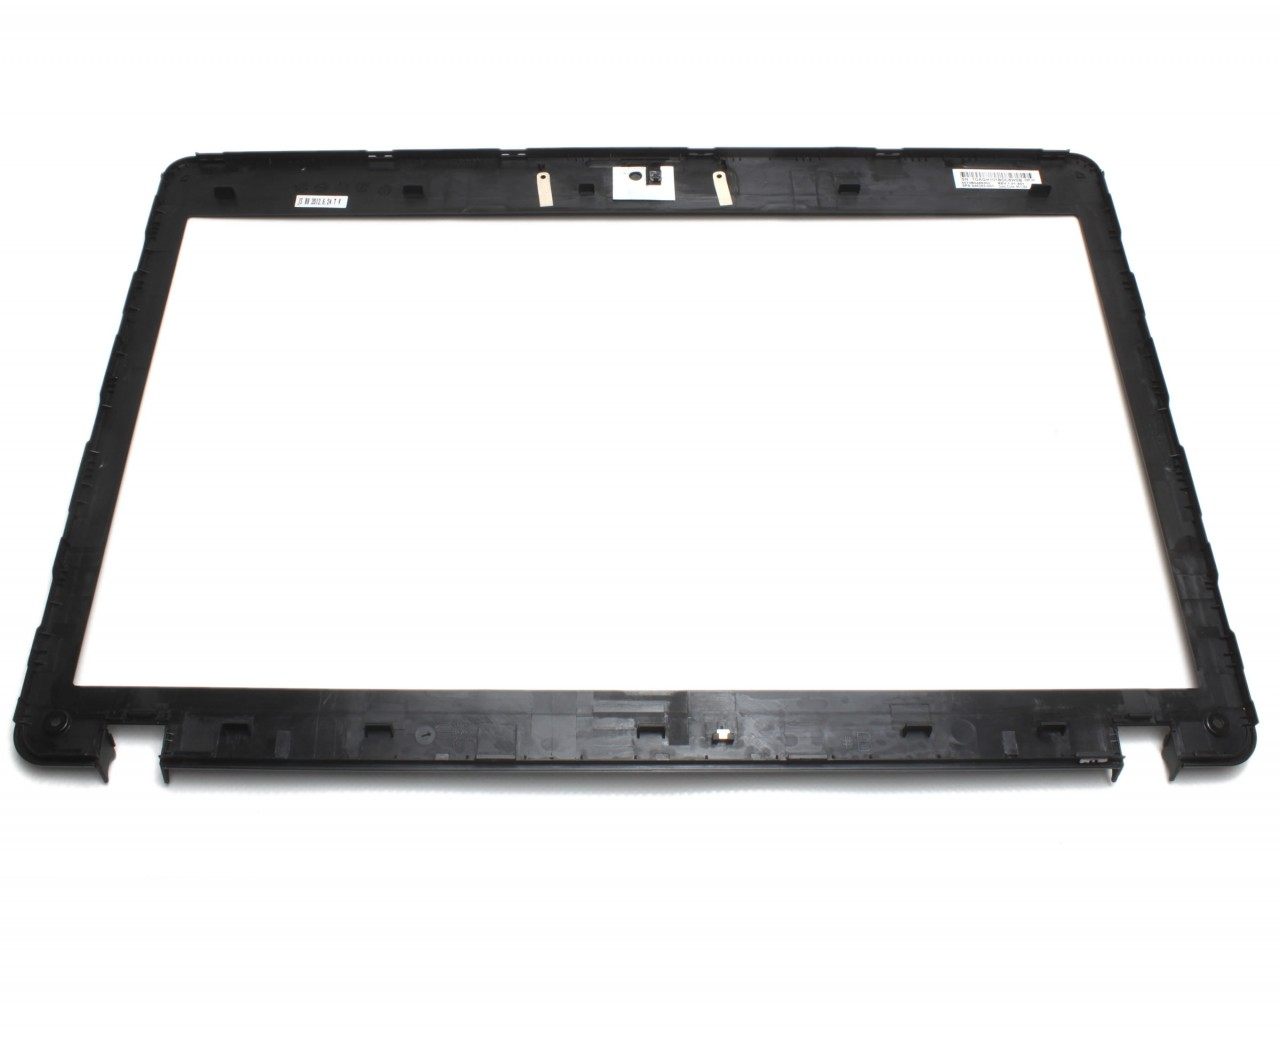 Rama Display HP ProBook 4535S Bezel Front Cover Neagra imagine powerlaptop.ro 2021